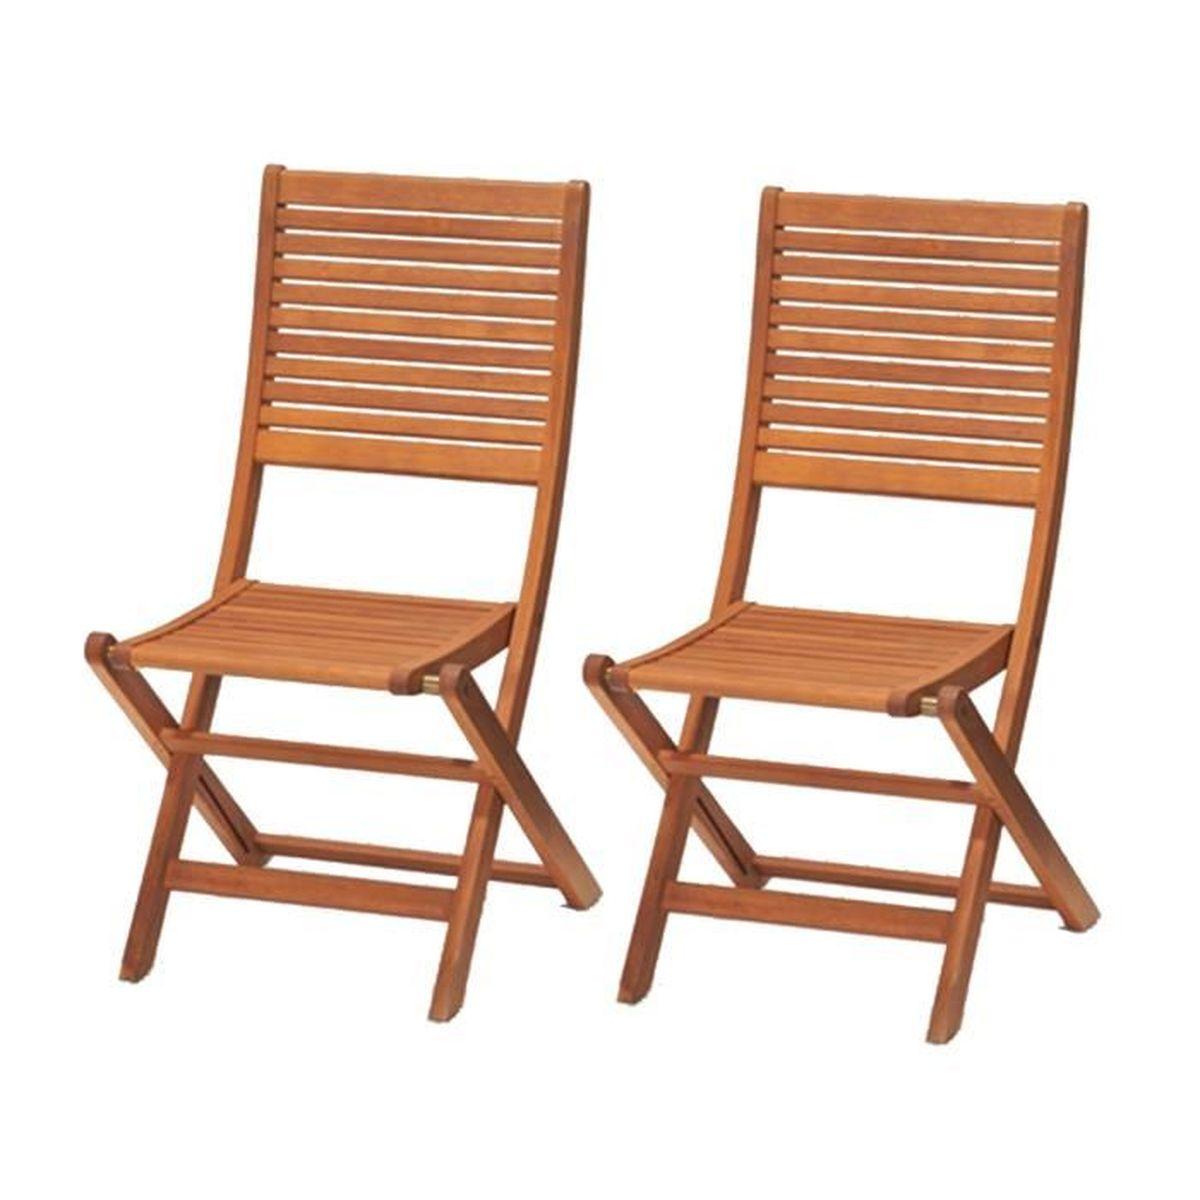 chaise kingsbury 2 chaises pliables bois deucalyptus 5 - Chaises Pliables